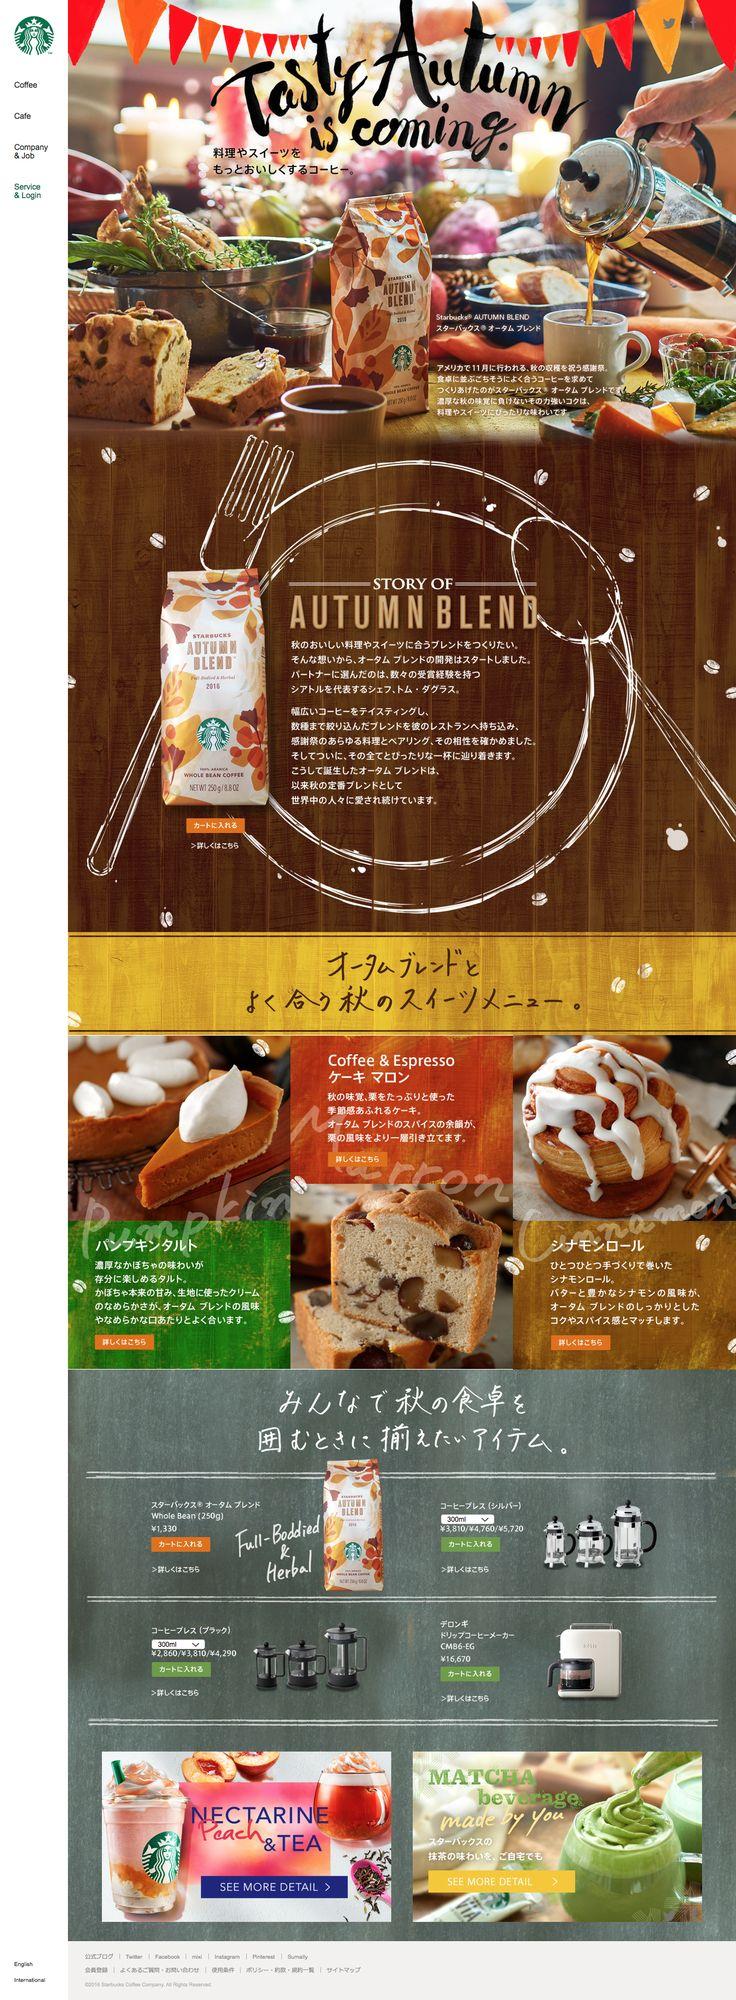 [季節のコーヒー] Tasty Autumn is coming. スターバックス® オータム ブレンド|スターバックス コーヒー ジャパン